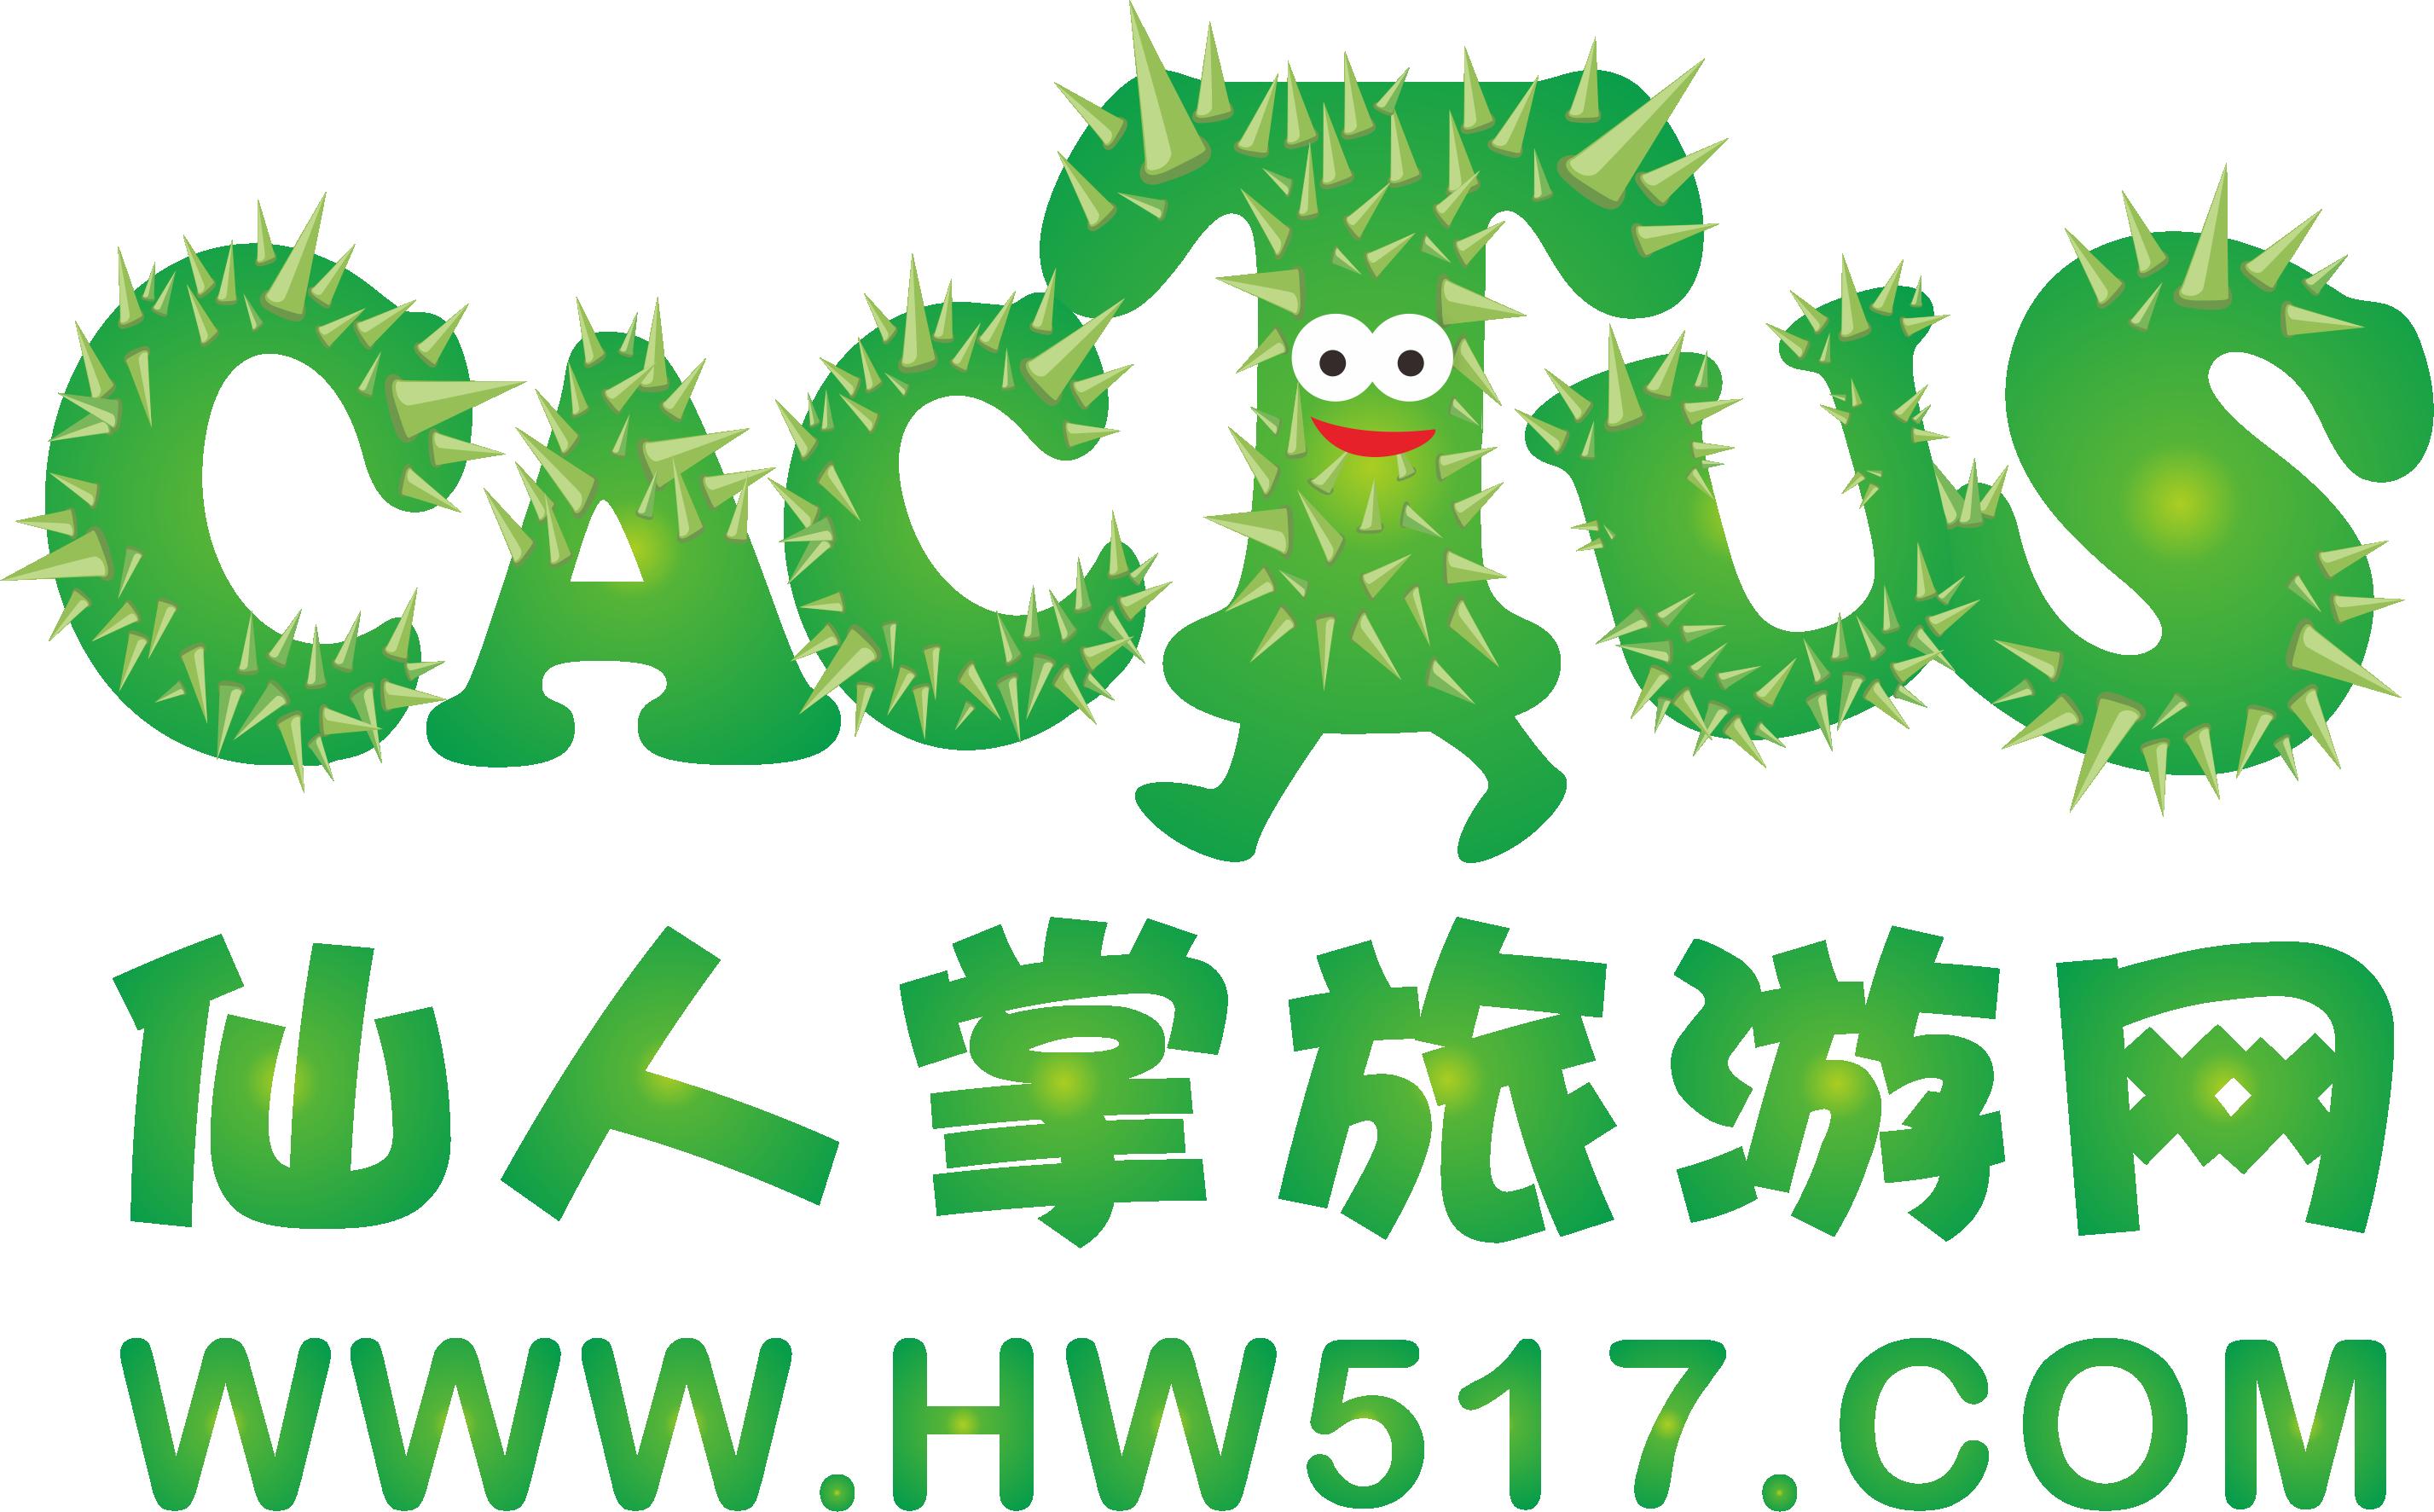 【仙人掌旅游】宁波慈城古镇、天童禅寺、中东欧风情馆特价一日游